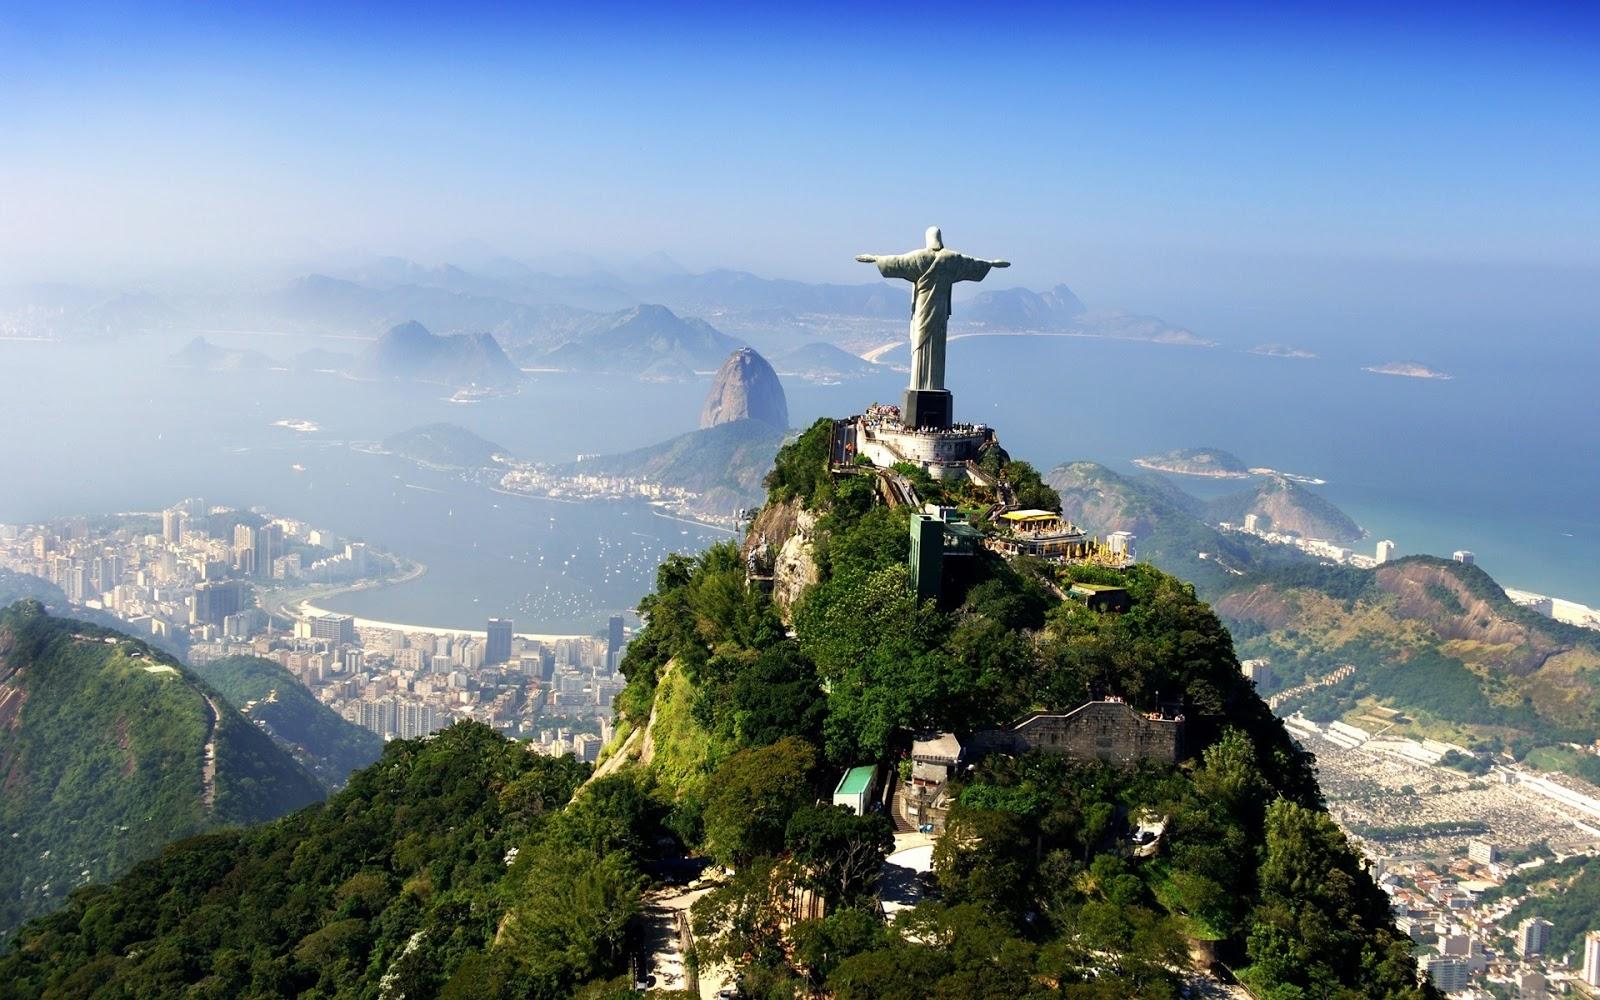 Jesus Christ Statue in Brasil